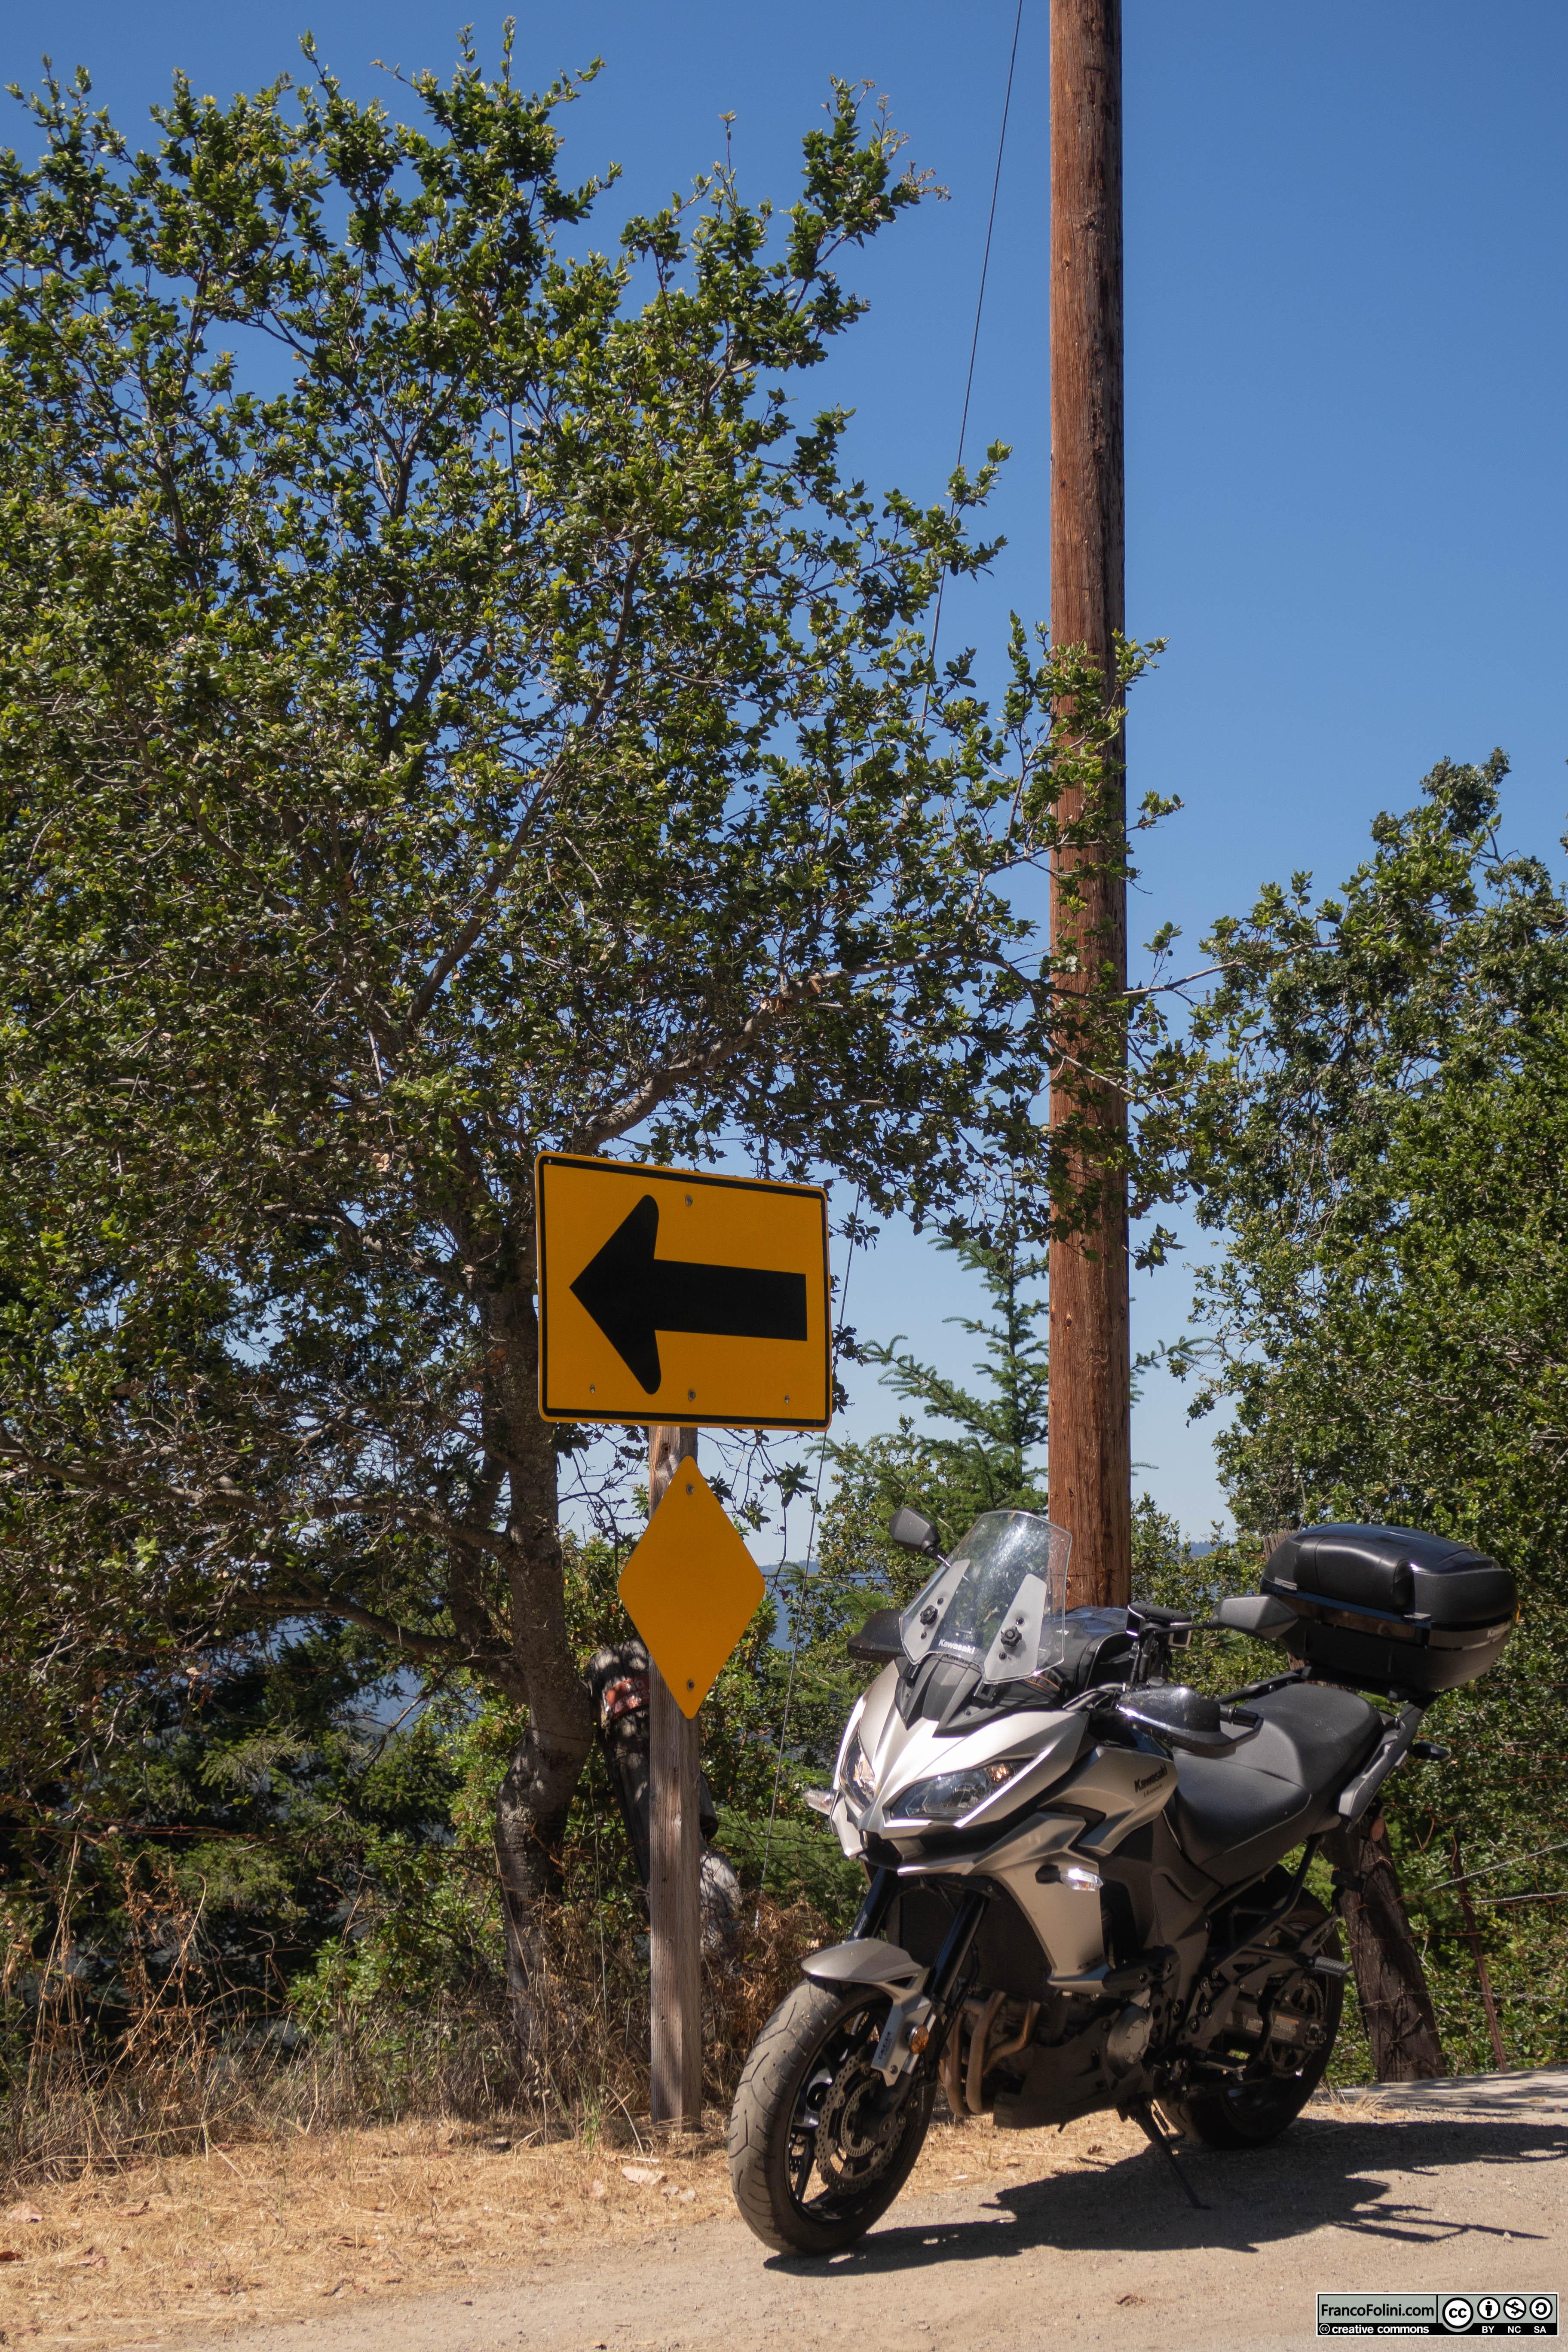 Breve stop per uno scatto fotografico lungo la California Route 35 all'altezza di Los Altos.